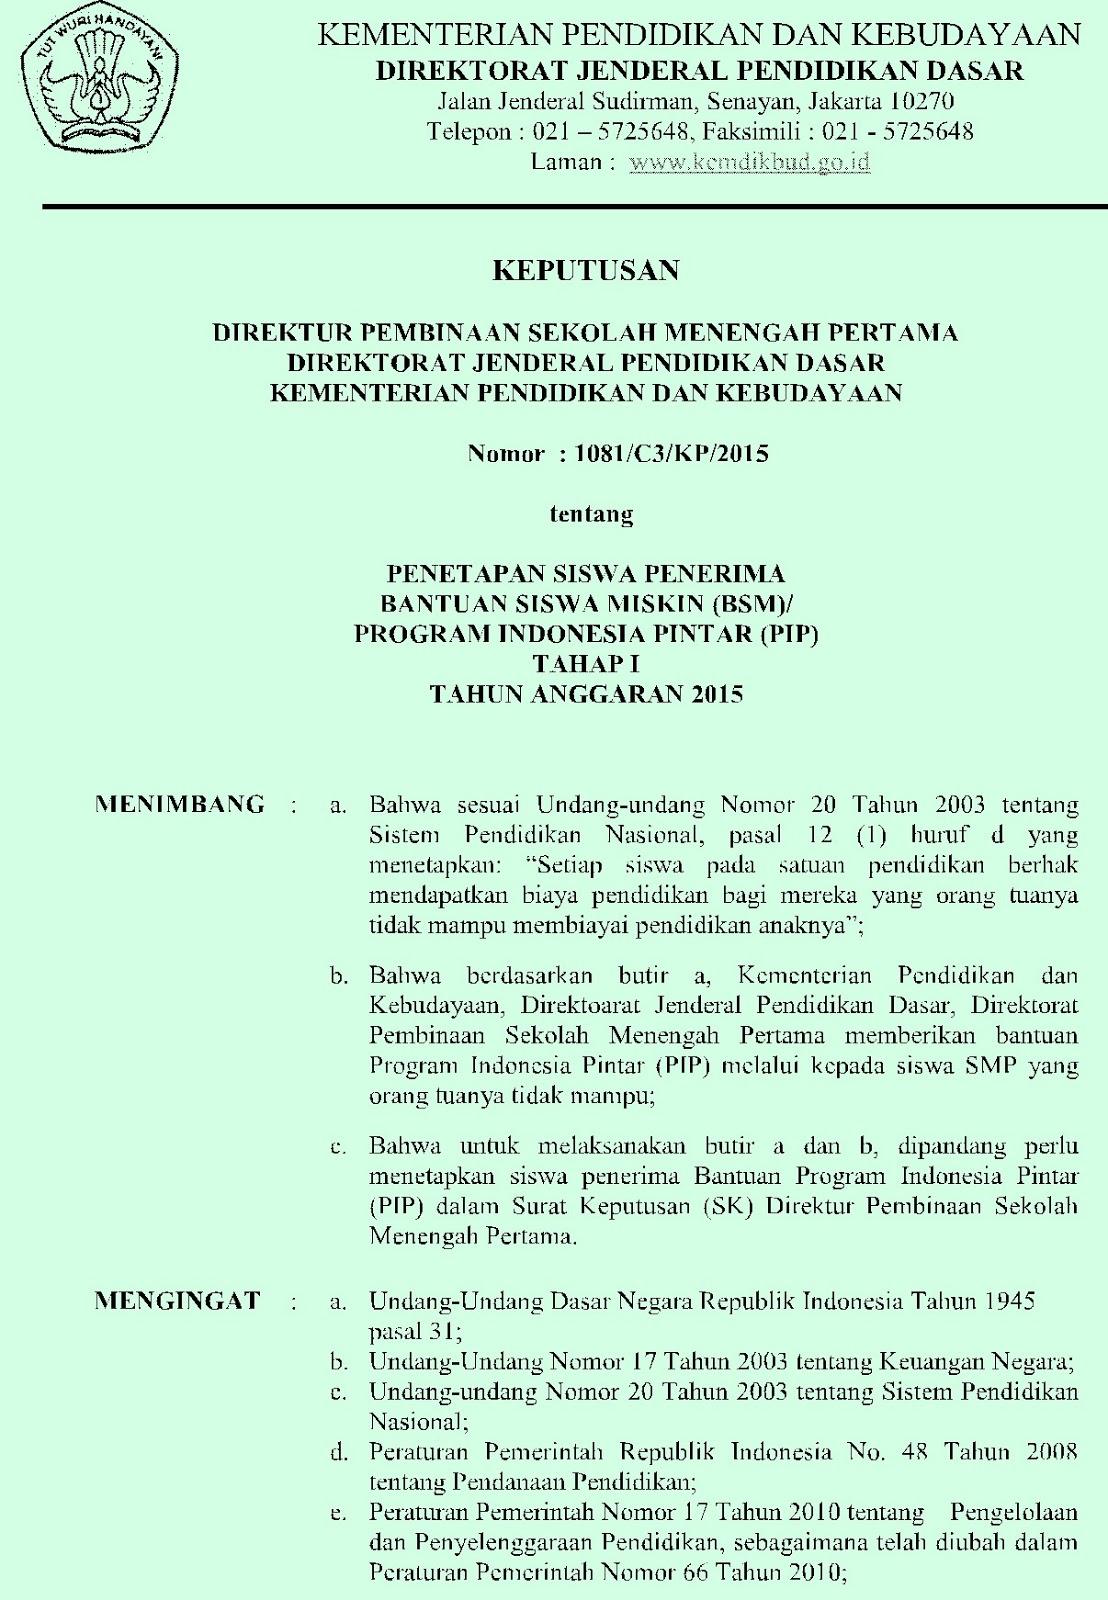 Download Sk Direktur Psmp Penetapan Siswa Penerima Bantuan Pip Kip Tahap I Tahun Anggaran 2015